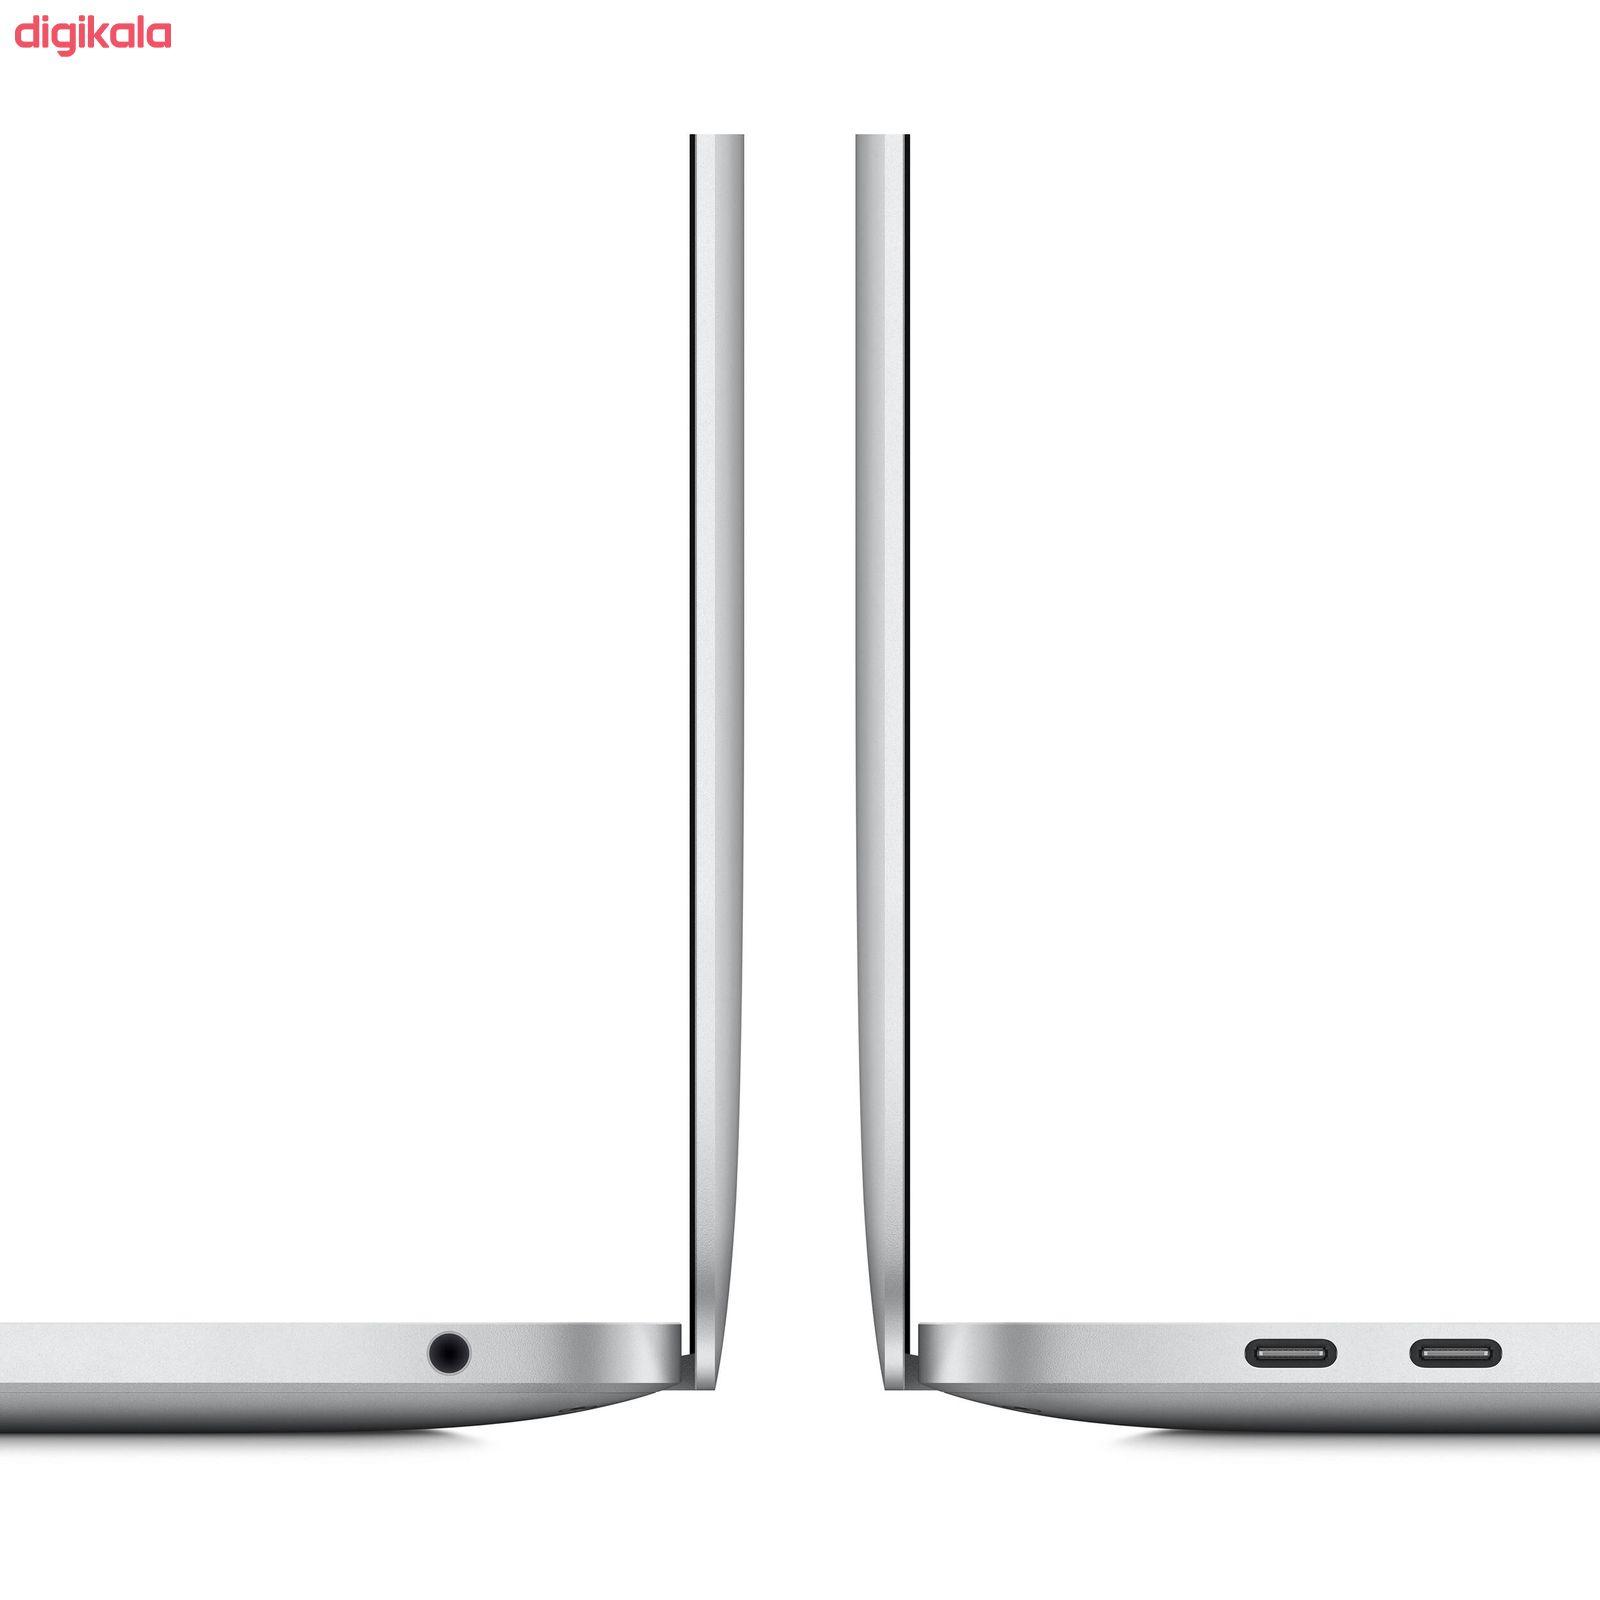 لپ تاپ 13 اینچی اپل مدل MacBook Pro MYDA2 2020 همراه با تاچ بار  main 1 3